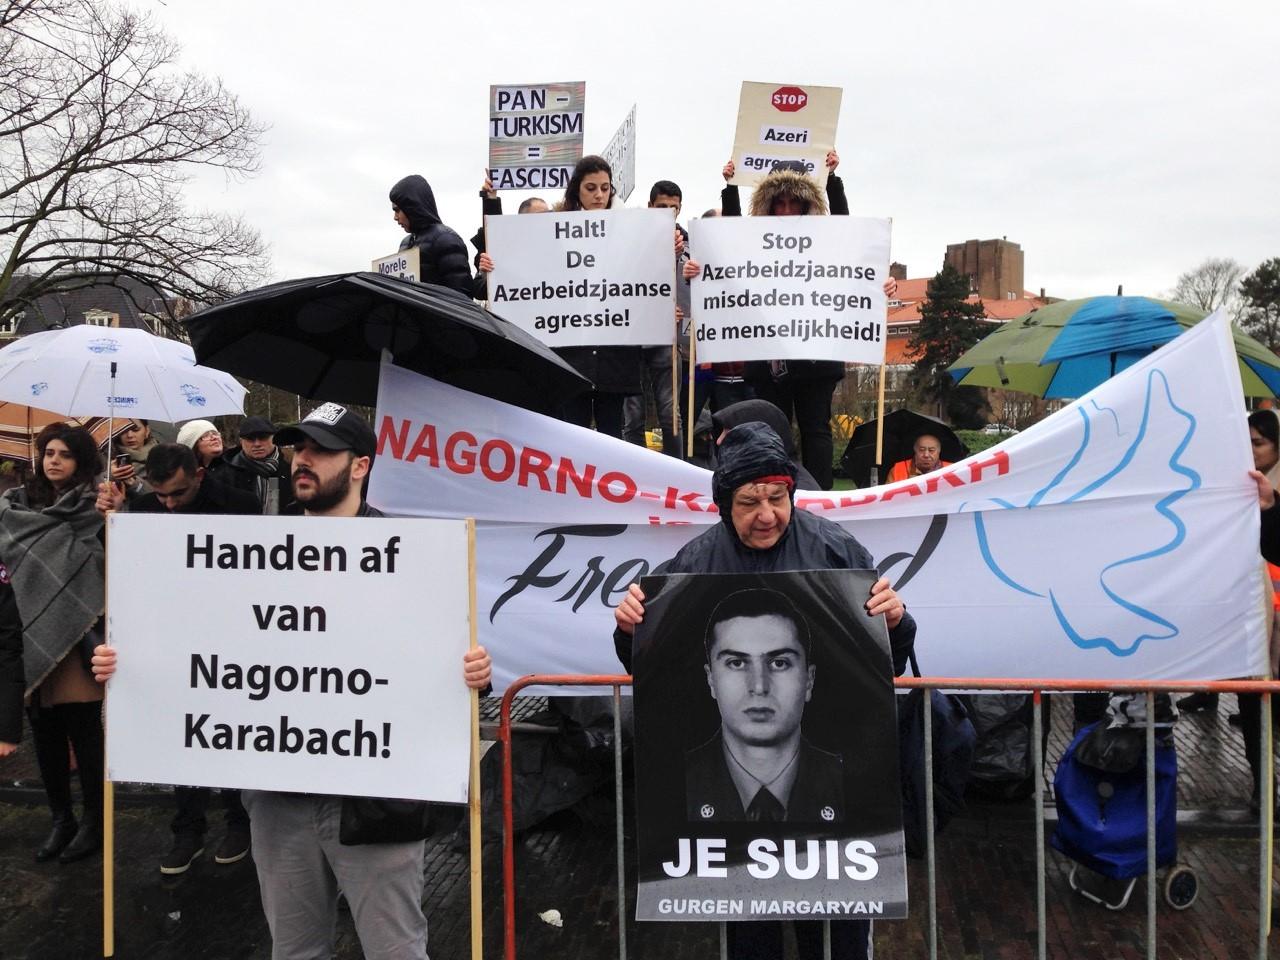 В Голландии призвали осудить антиармянскую и армянофобскую политику Азербайджана